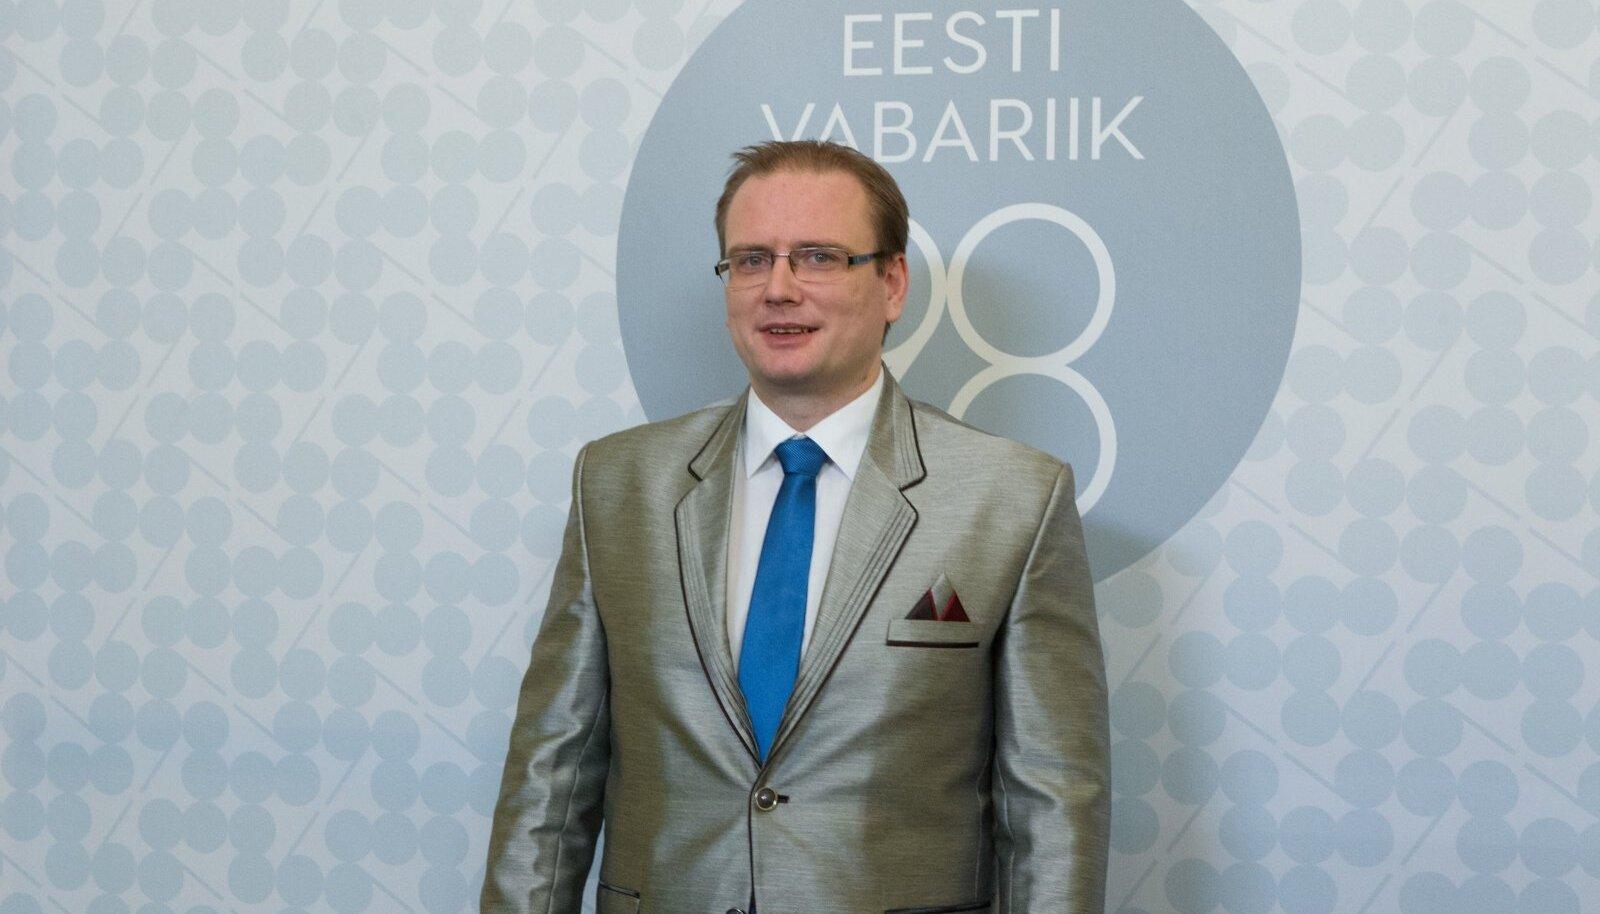 Presidendi vastuvõtt, EV98, Eesti vabariik 98